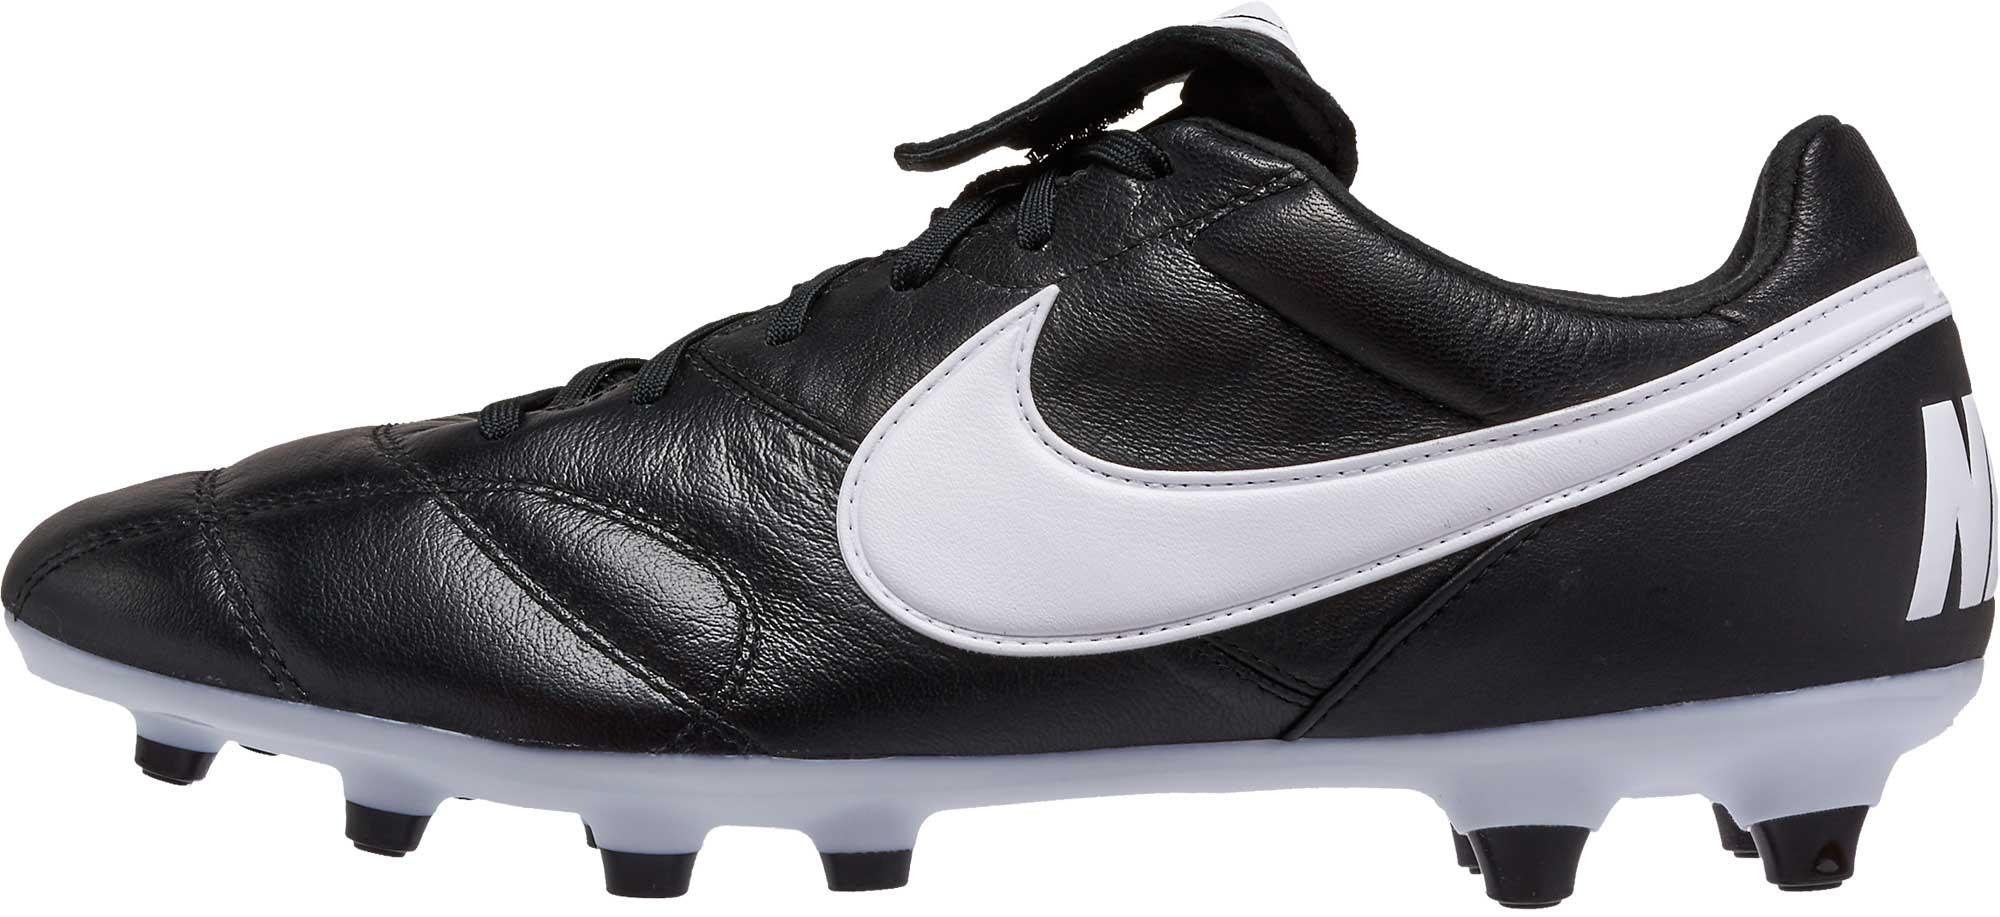 Nike Premier II FG - Black Nike Soccer Cleats